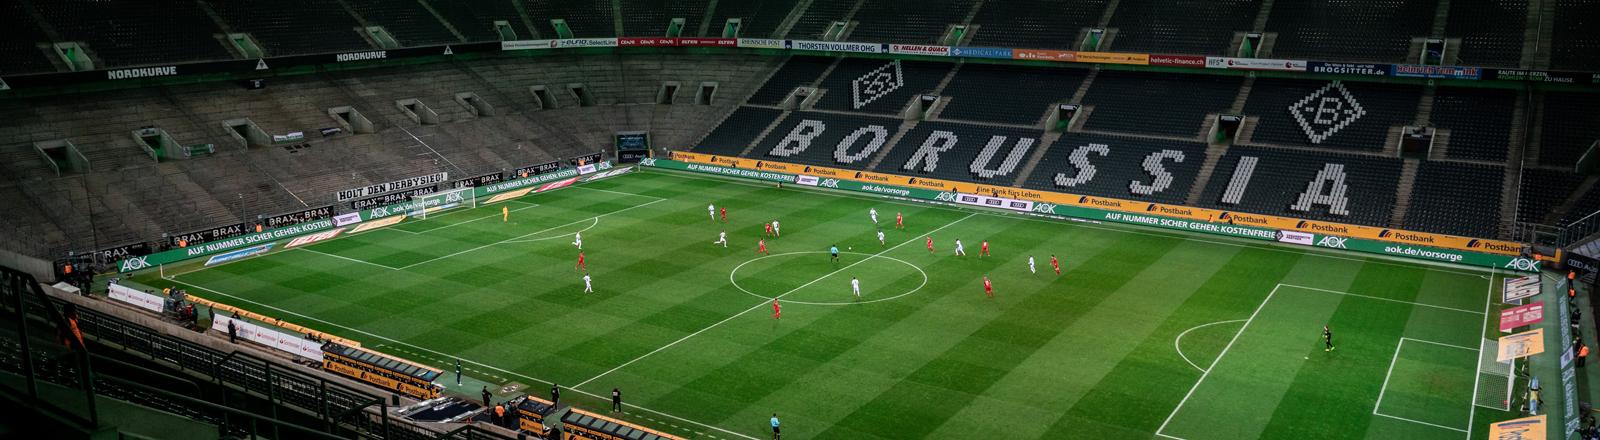 Die Mönchengladbacher und die Kölner Spieler kämpfen um den Ball. Das Spiel findet wegen des Coronavirus ohne Zuschauer als Geisterspiel statt.